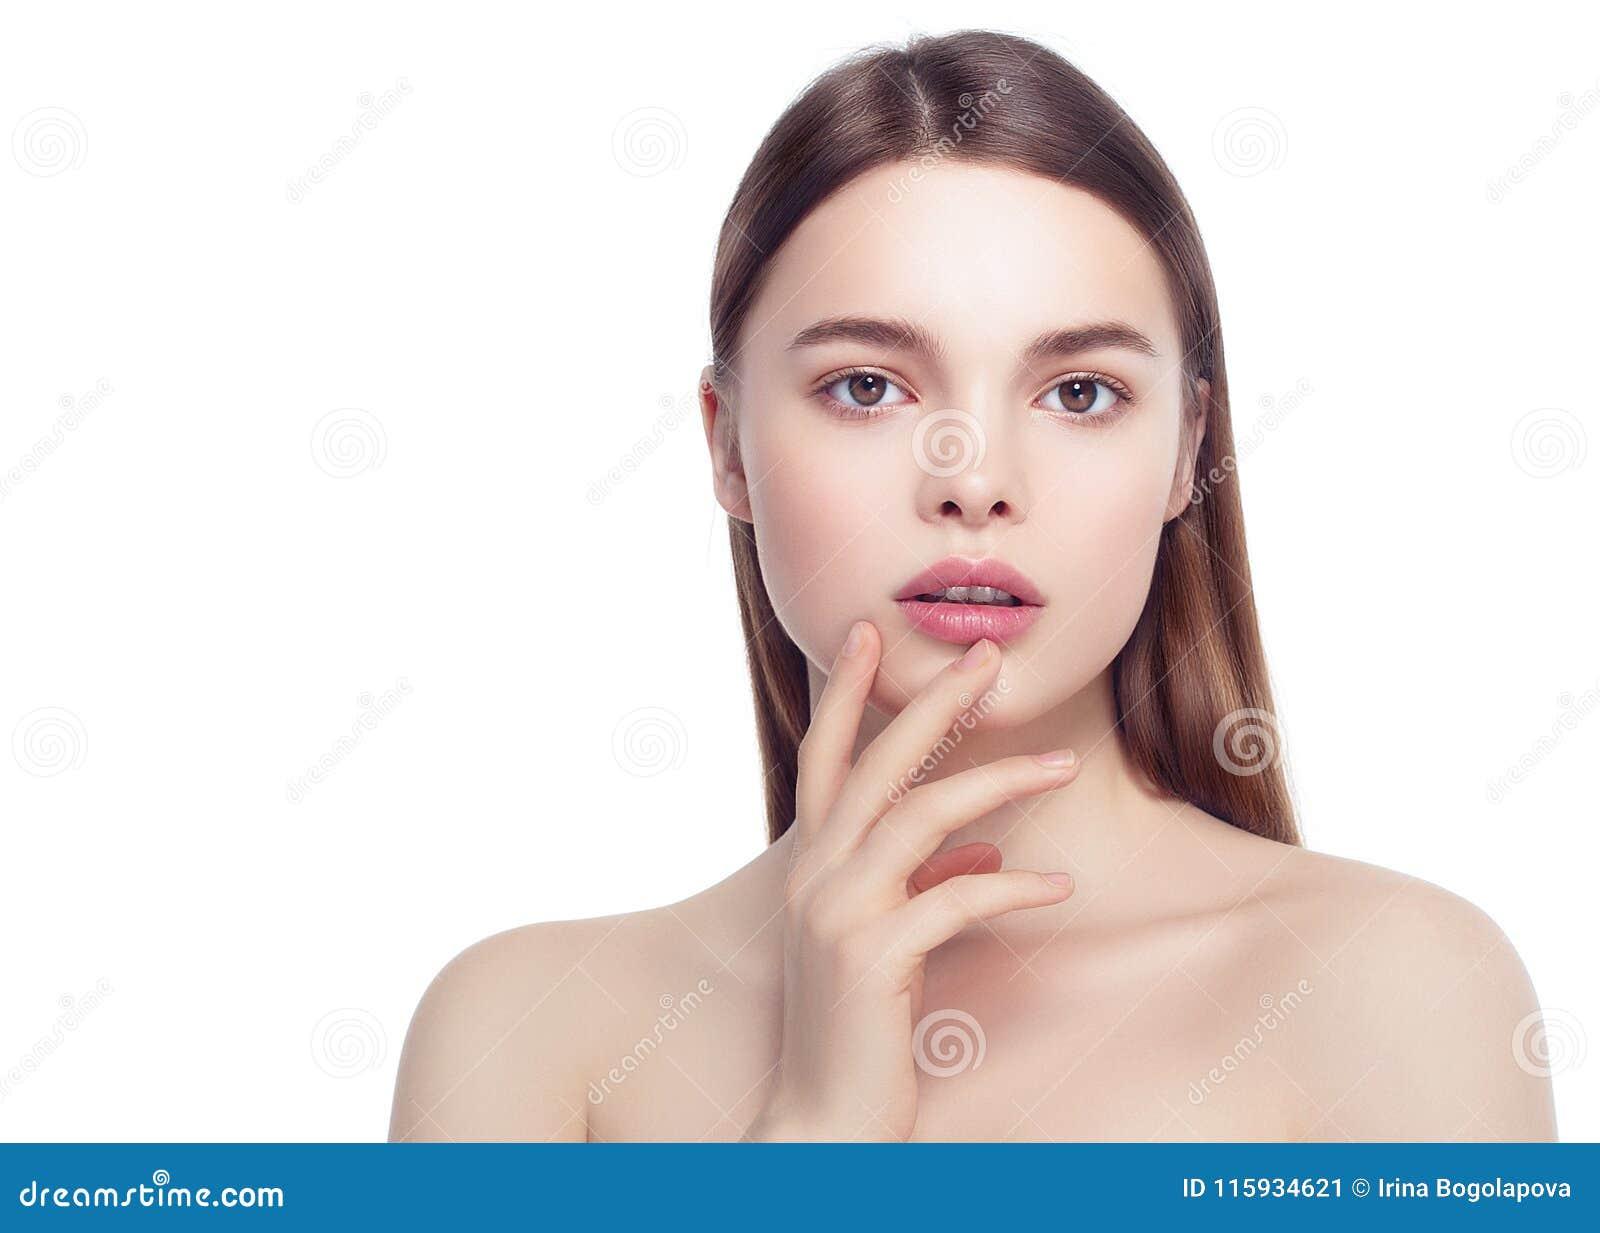 Ζωηρόχρωμο πρόσωπο γυναικών σύνθεσης, όμορφα θερινά makeup WI brunette